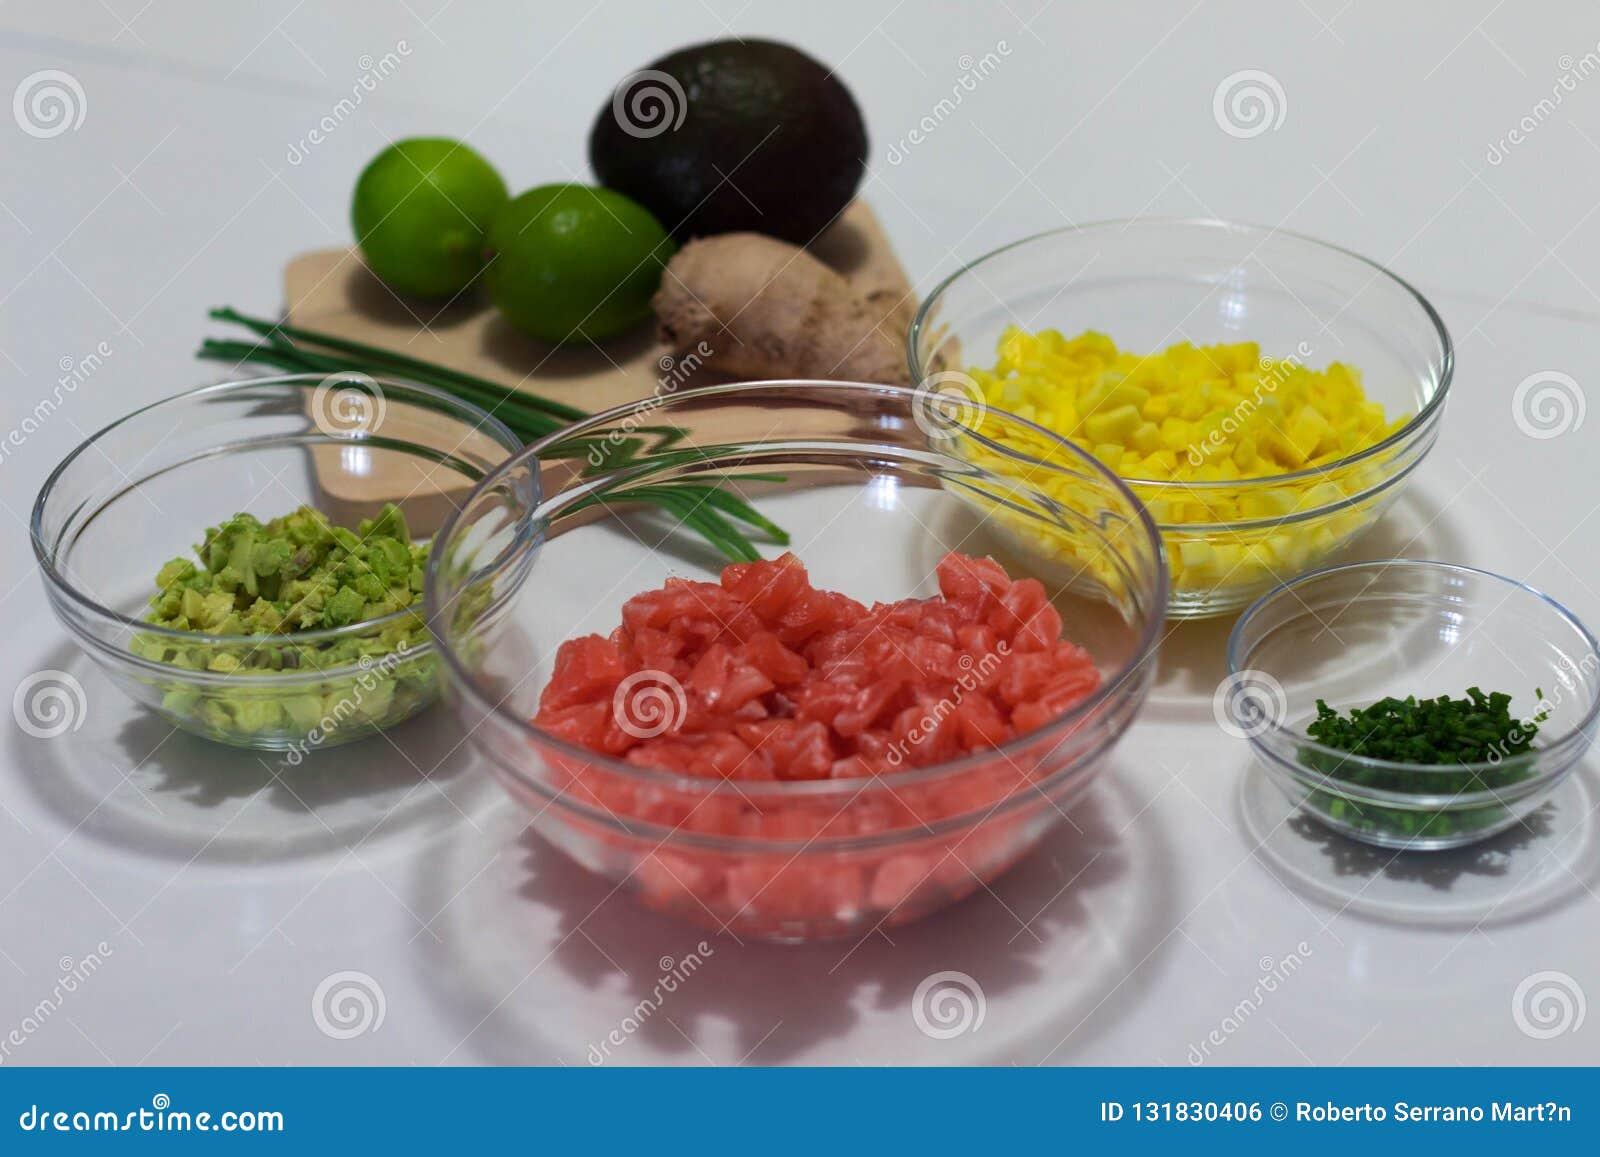 J ai fait à cette photographie les ingrédients coupés et prêts à faire cuire un tartre saumoné Ces ingrédients sont avocat, mangu